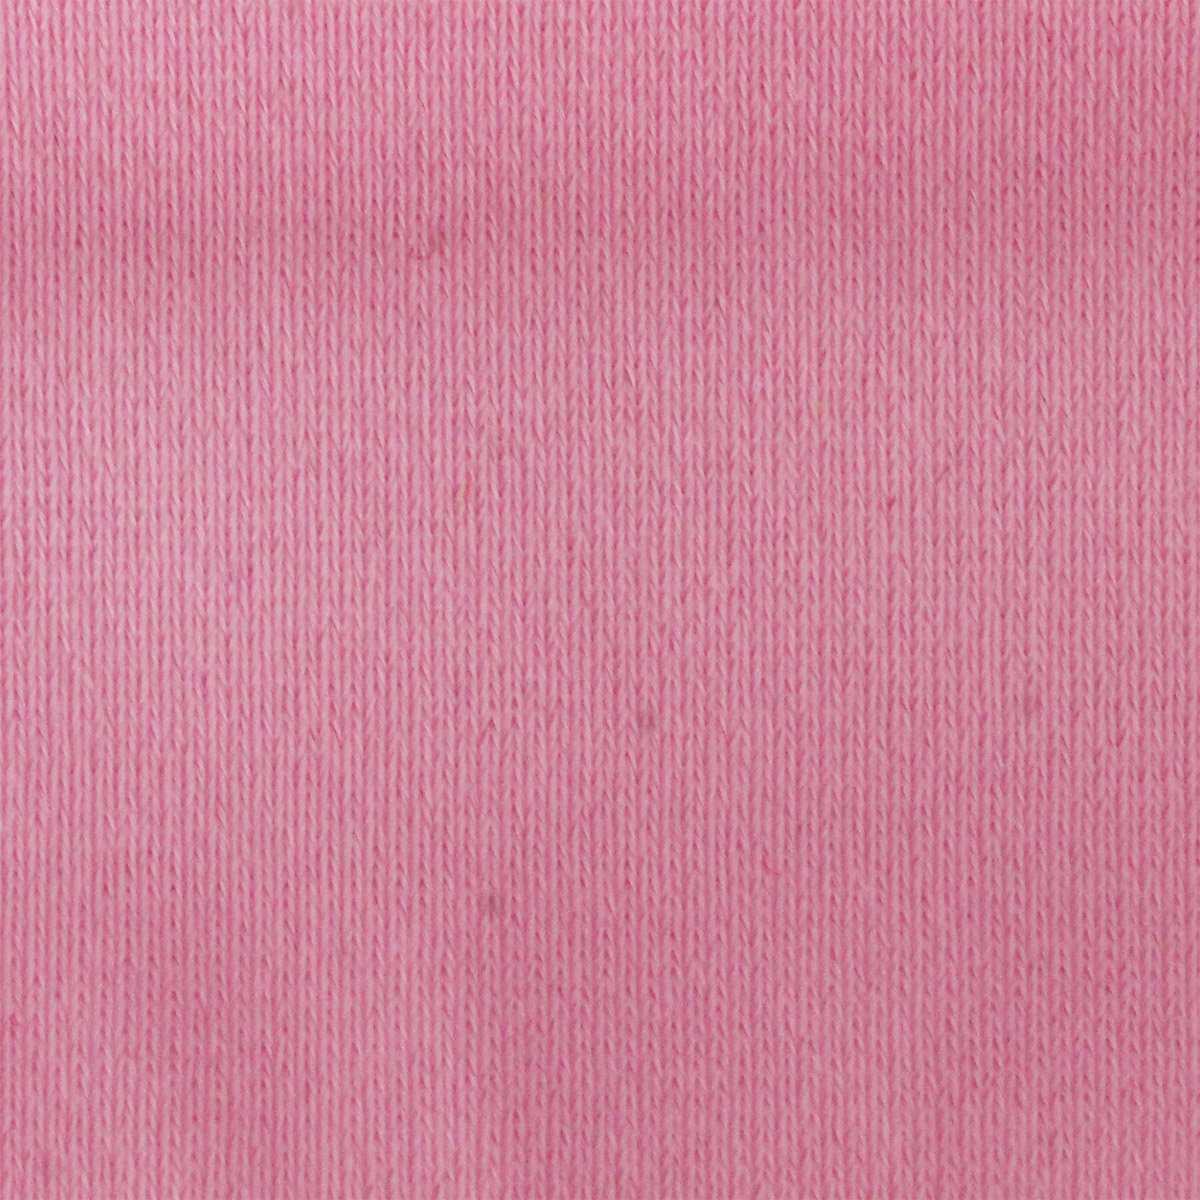 Scarpe NIKE Bambini SNEAKERS  GRIGIO//VERDE PU,Tessuto 819151-301